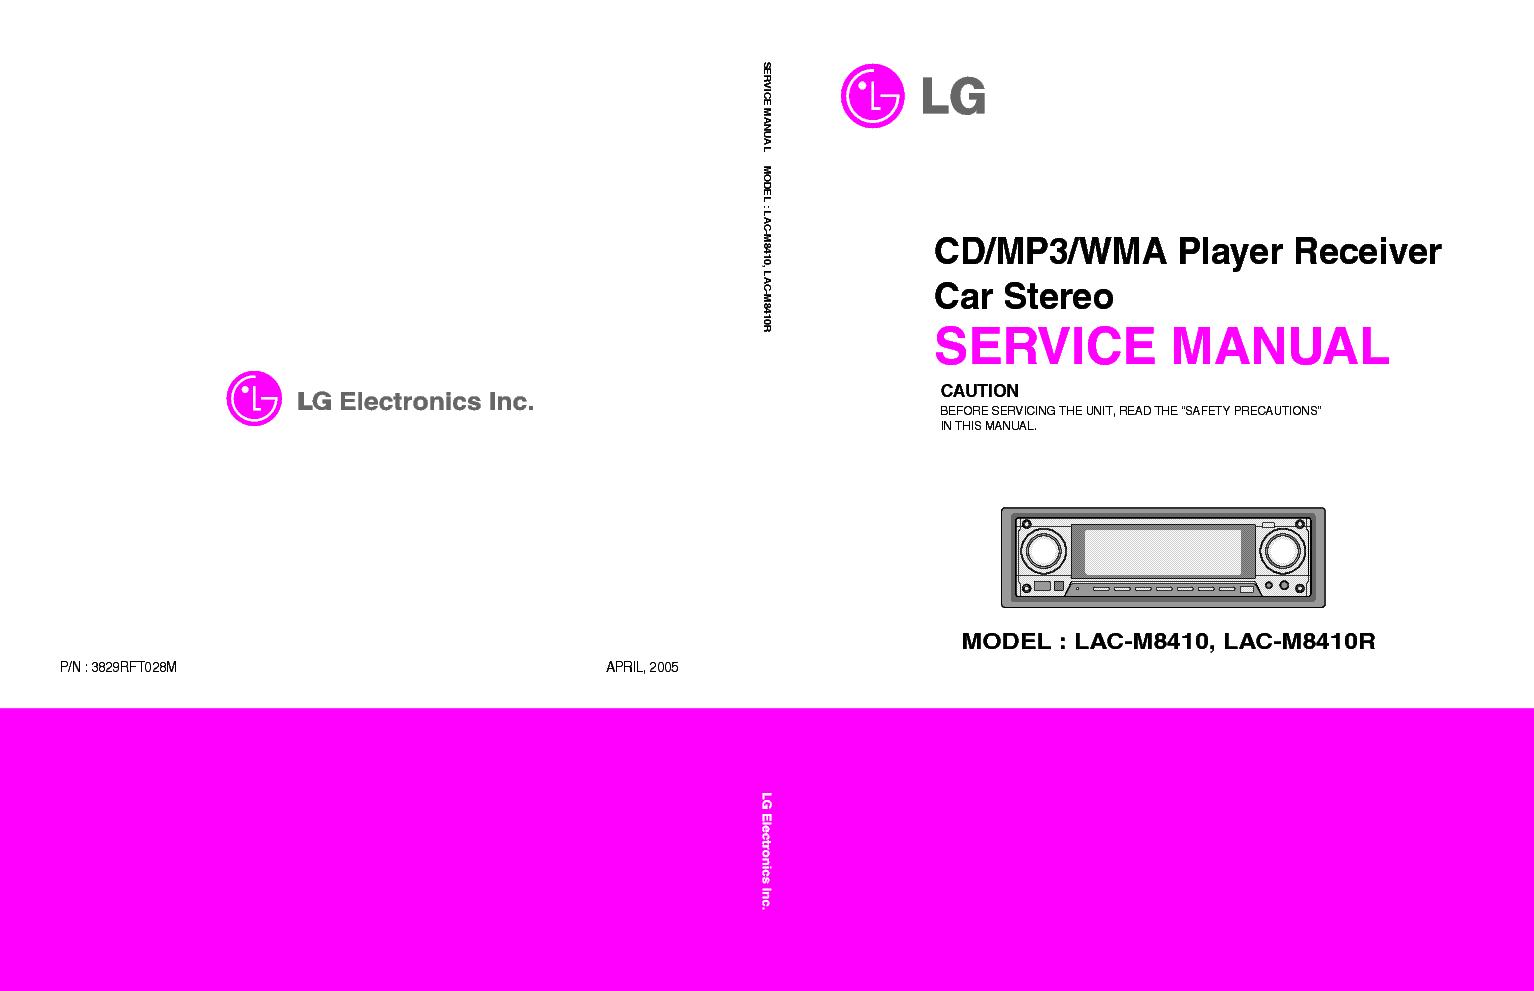 инструкция lg cd